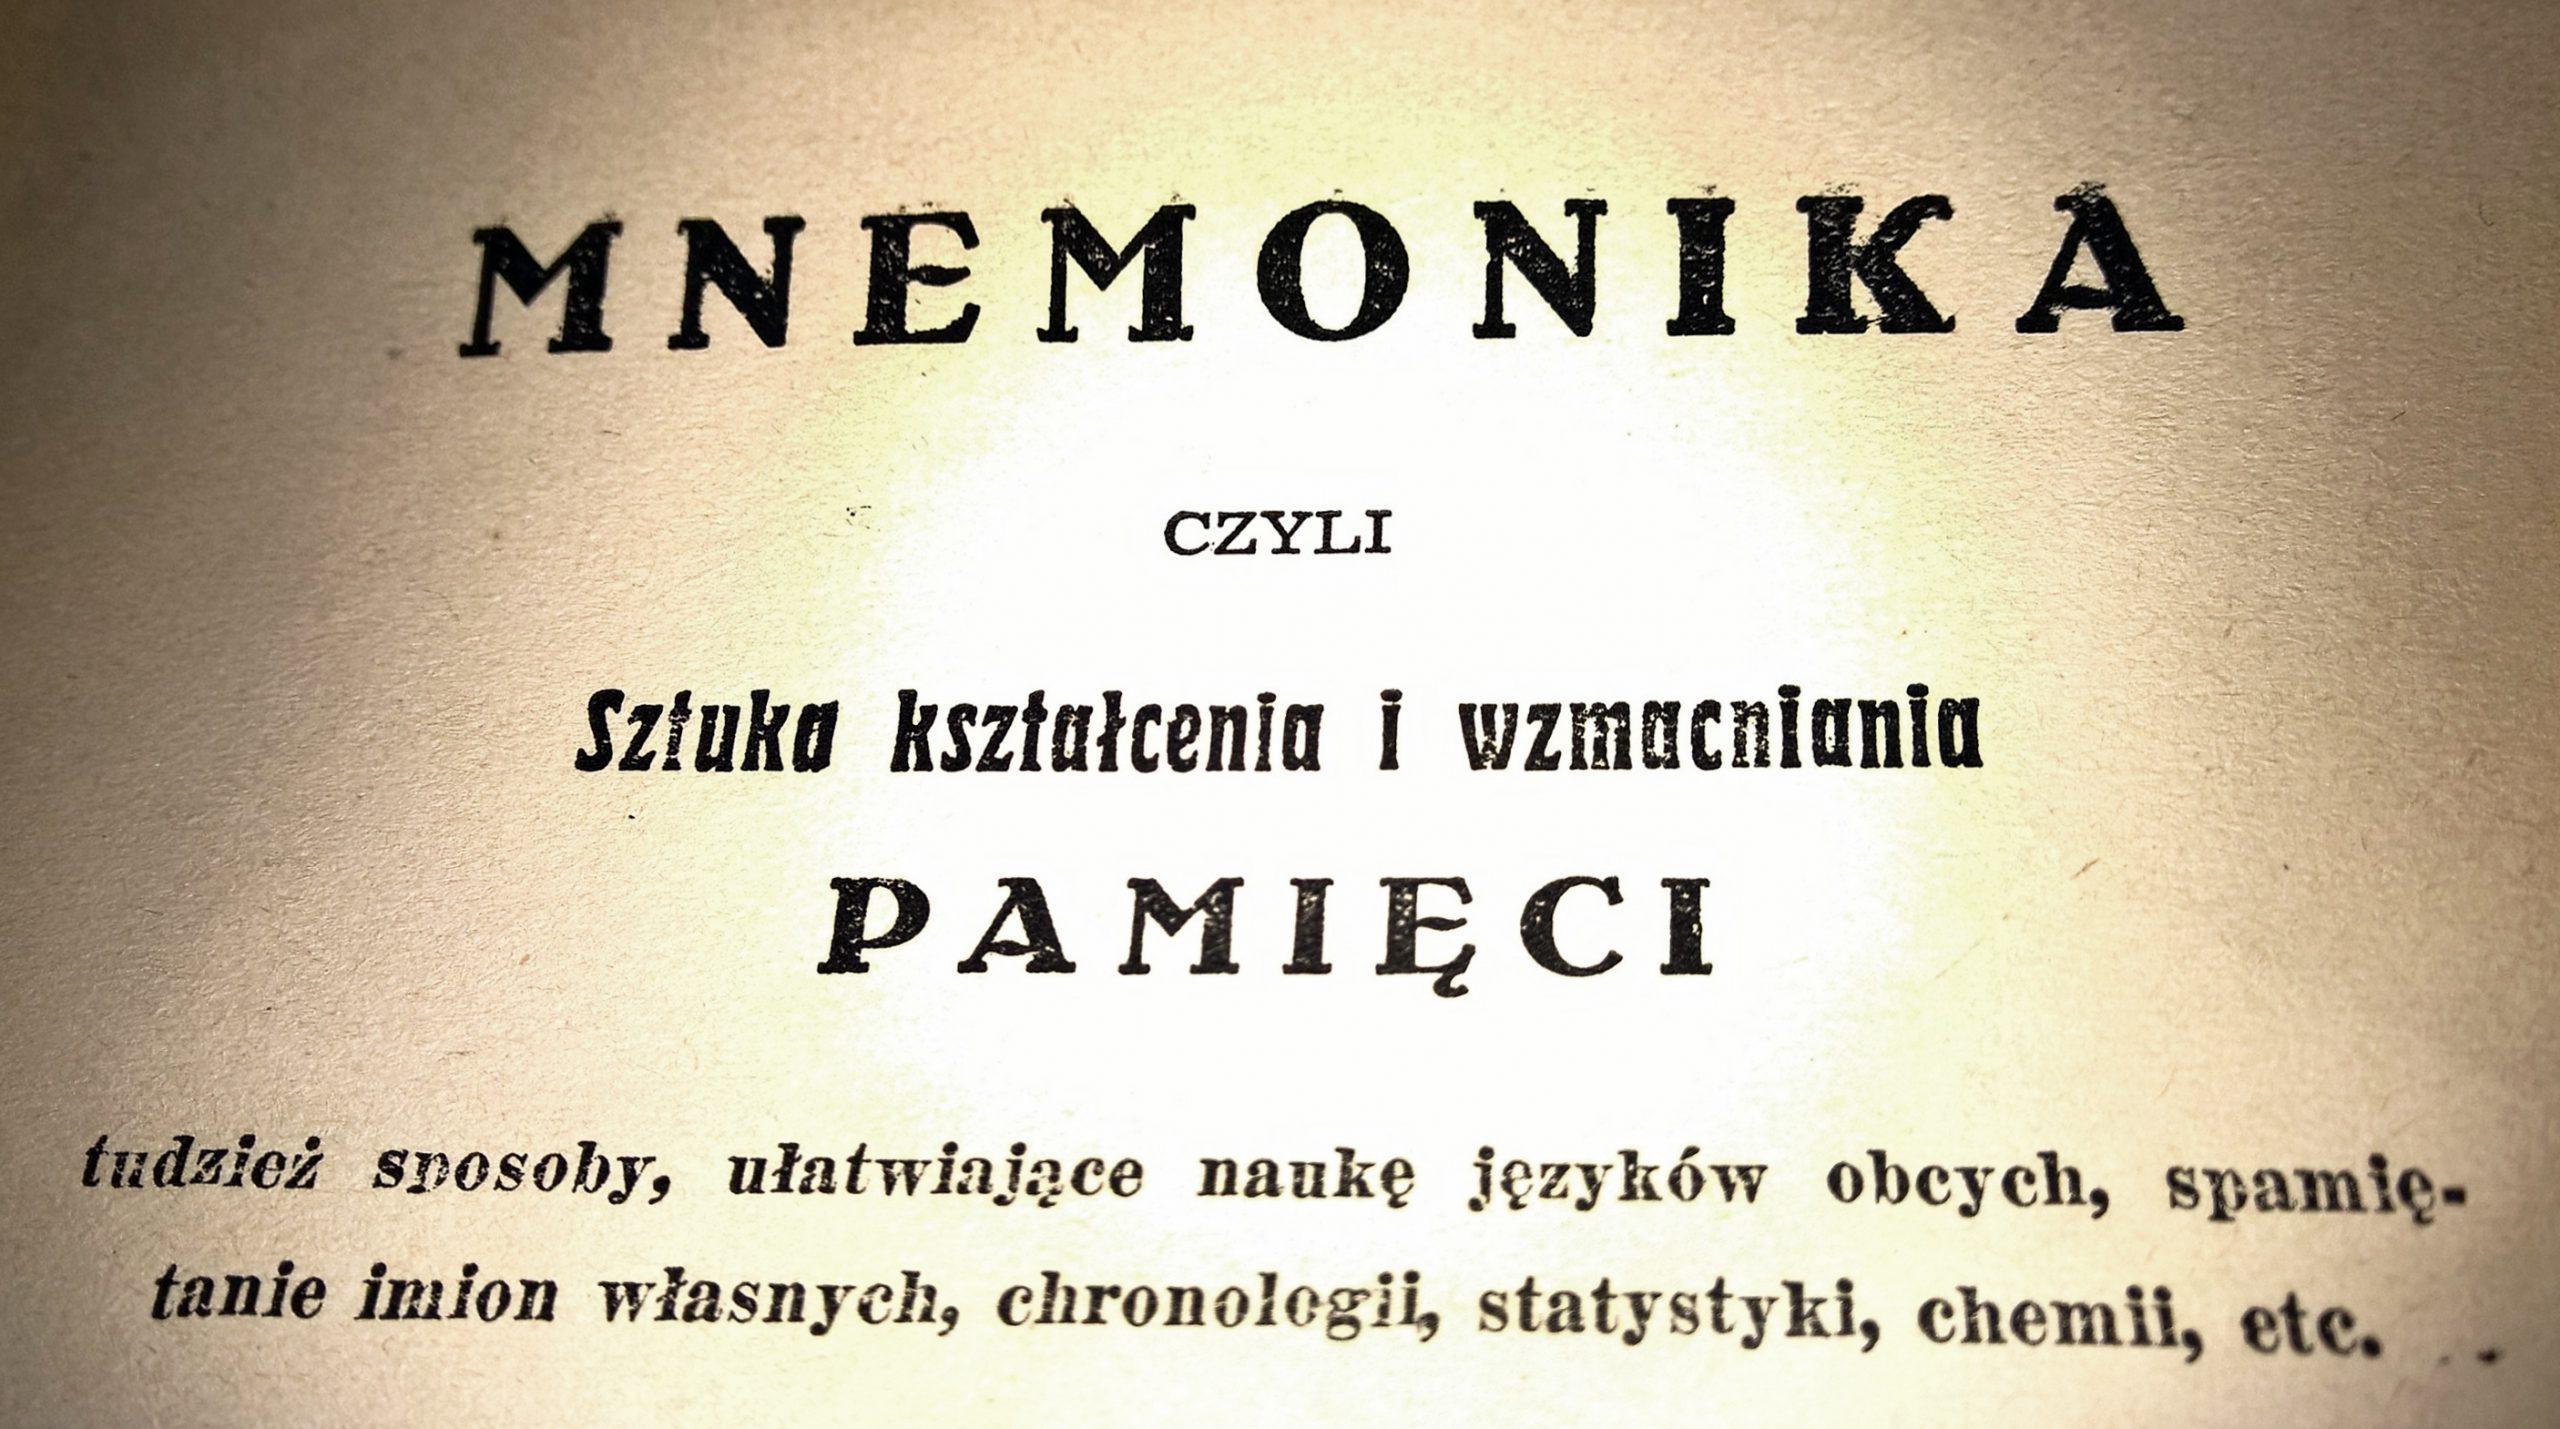 Mnemonika